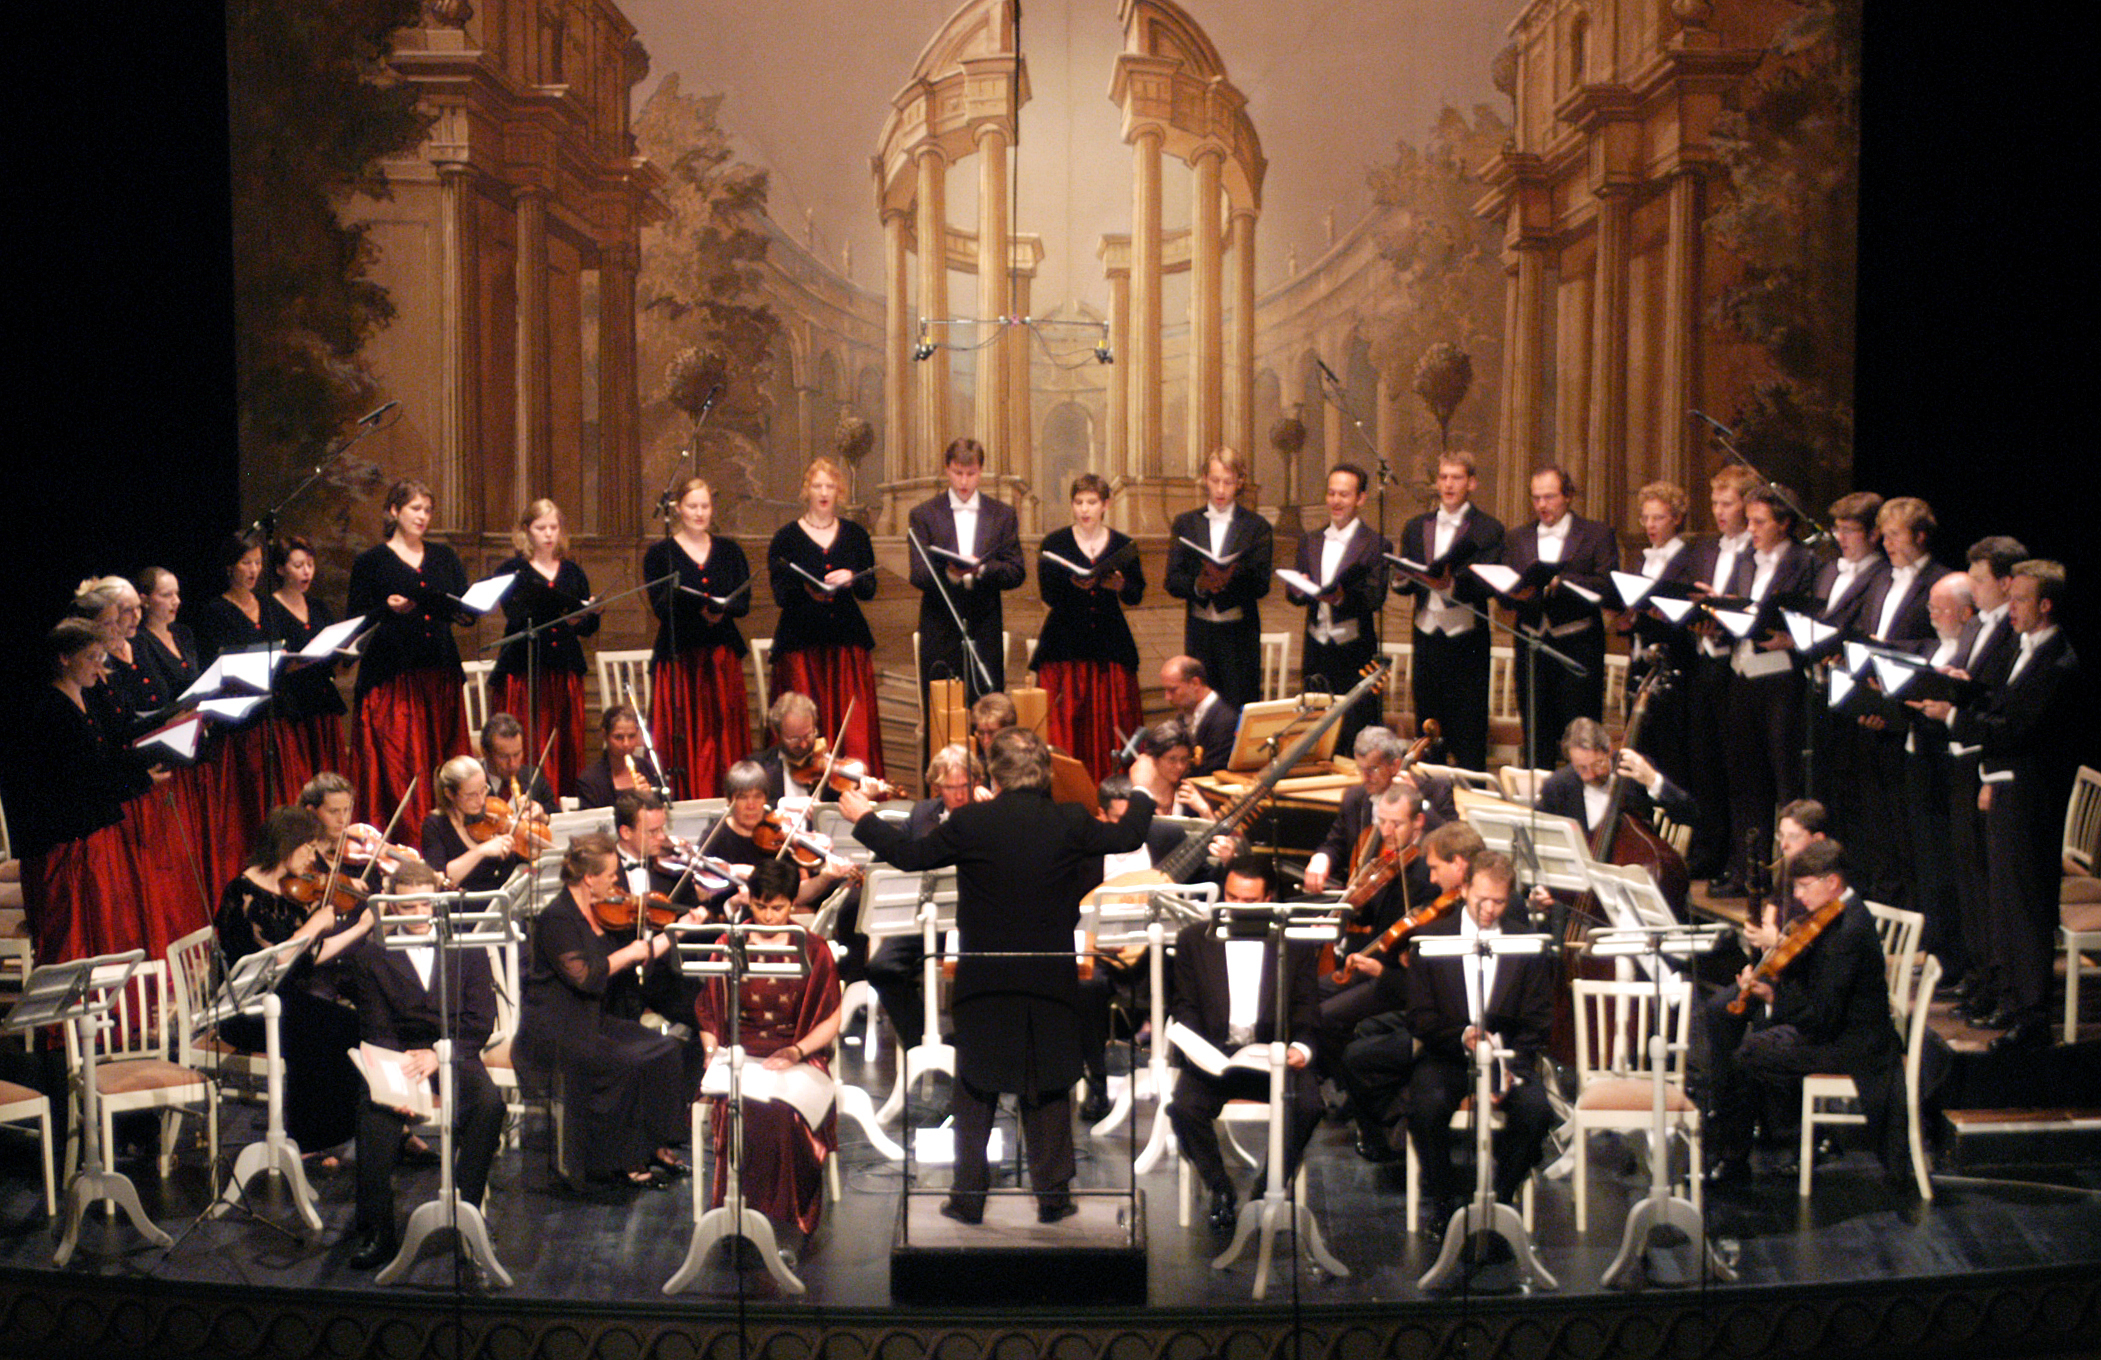 Barockorchester Sttutgart